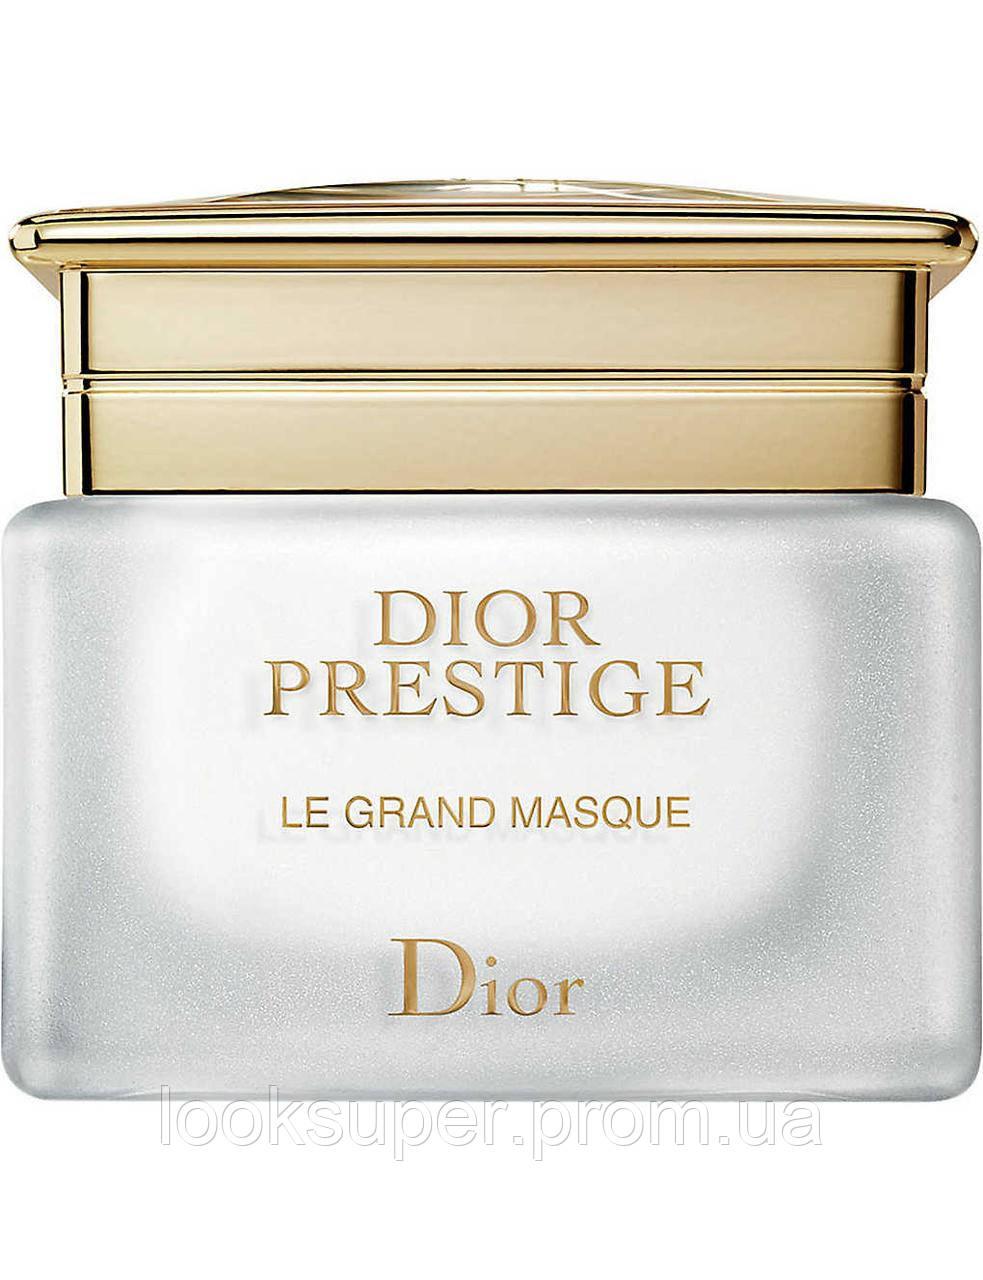 Маска DIOR Prestige Le Grand Masque (50ml)